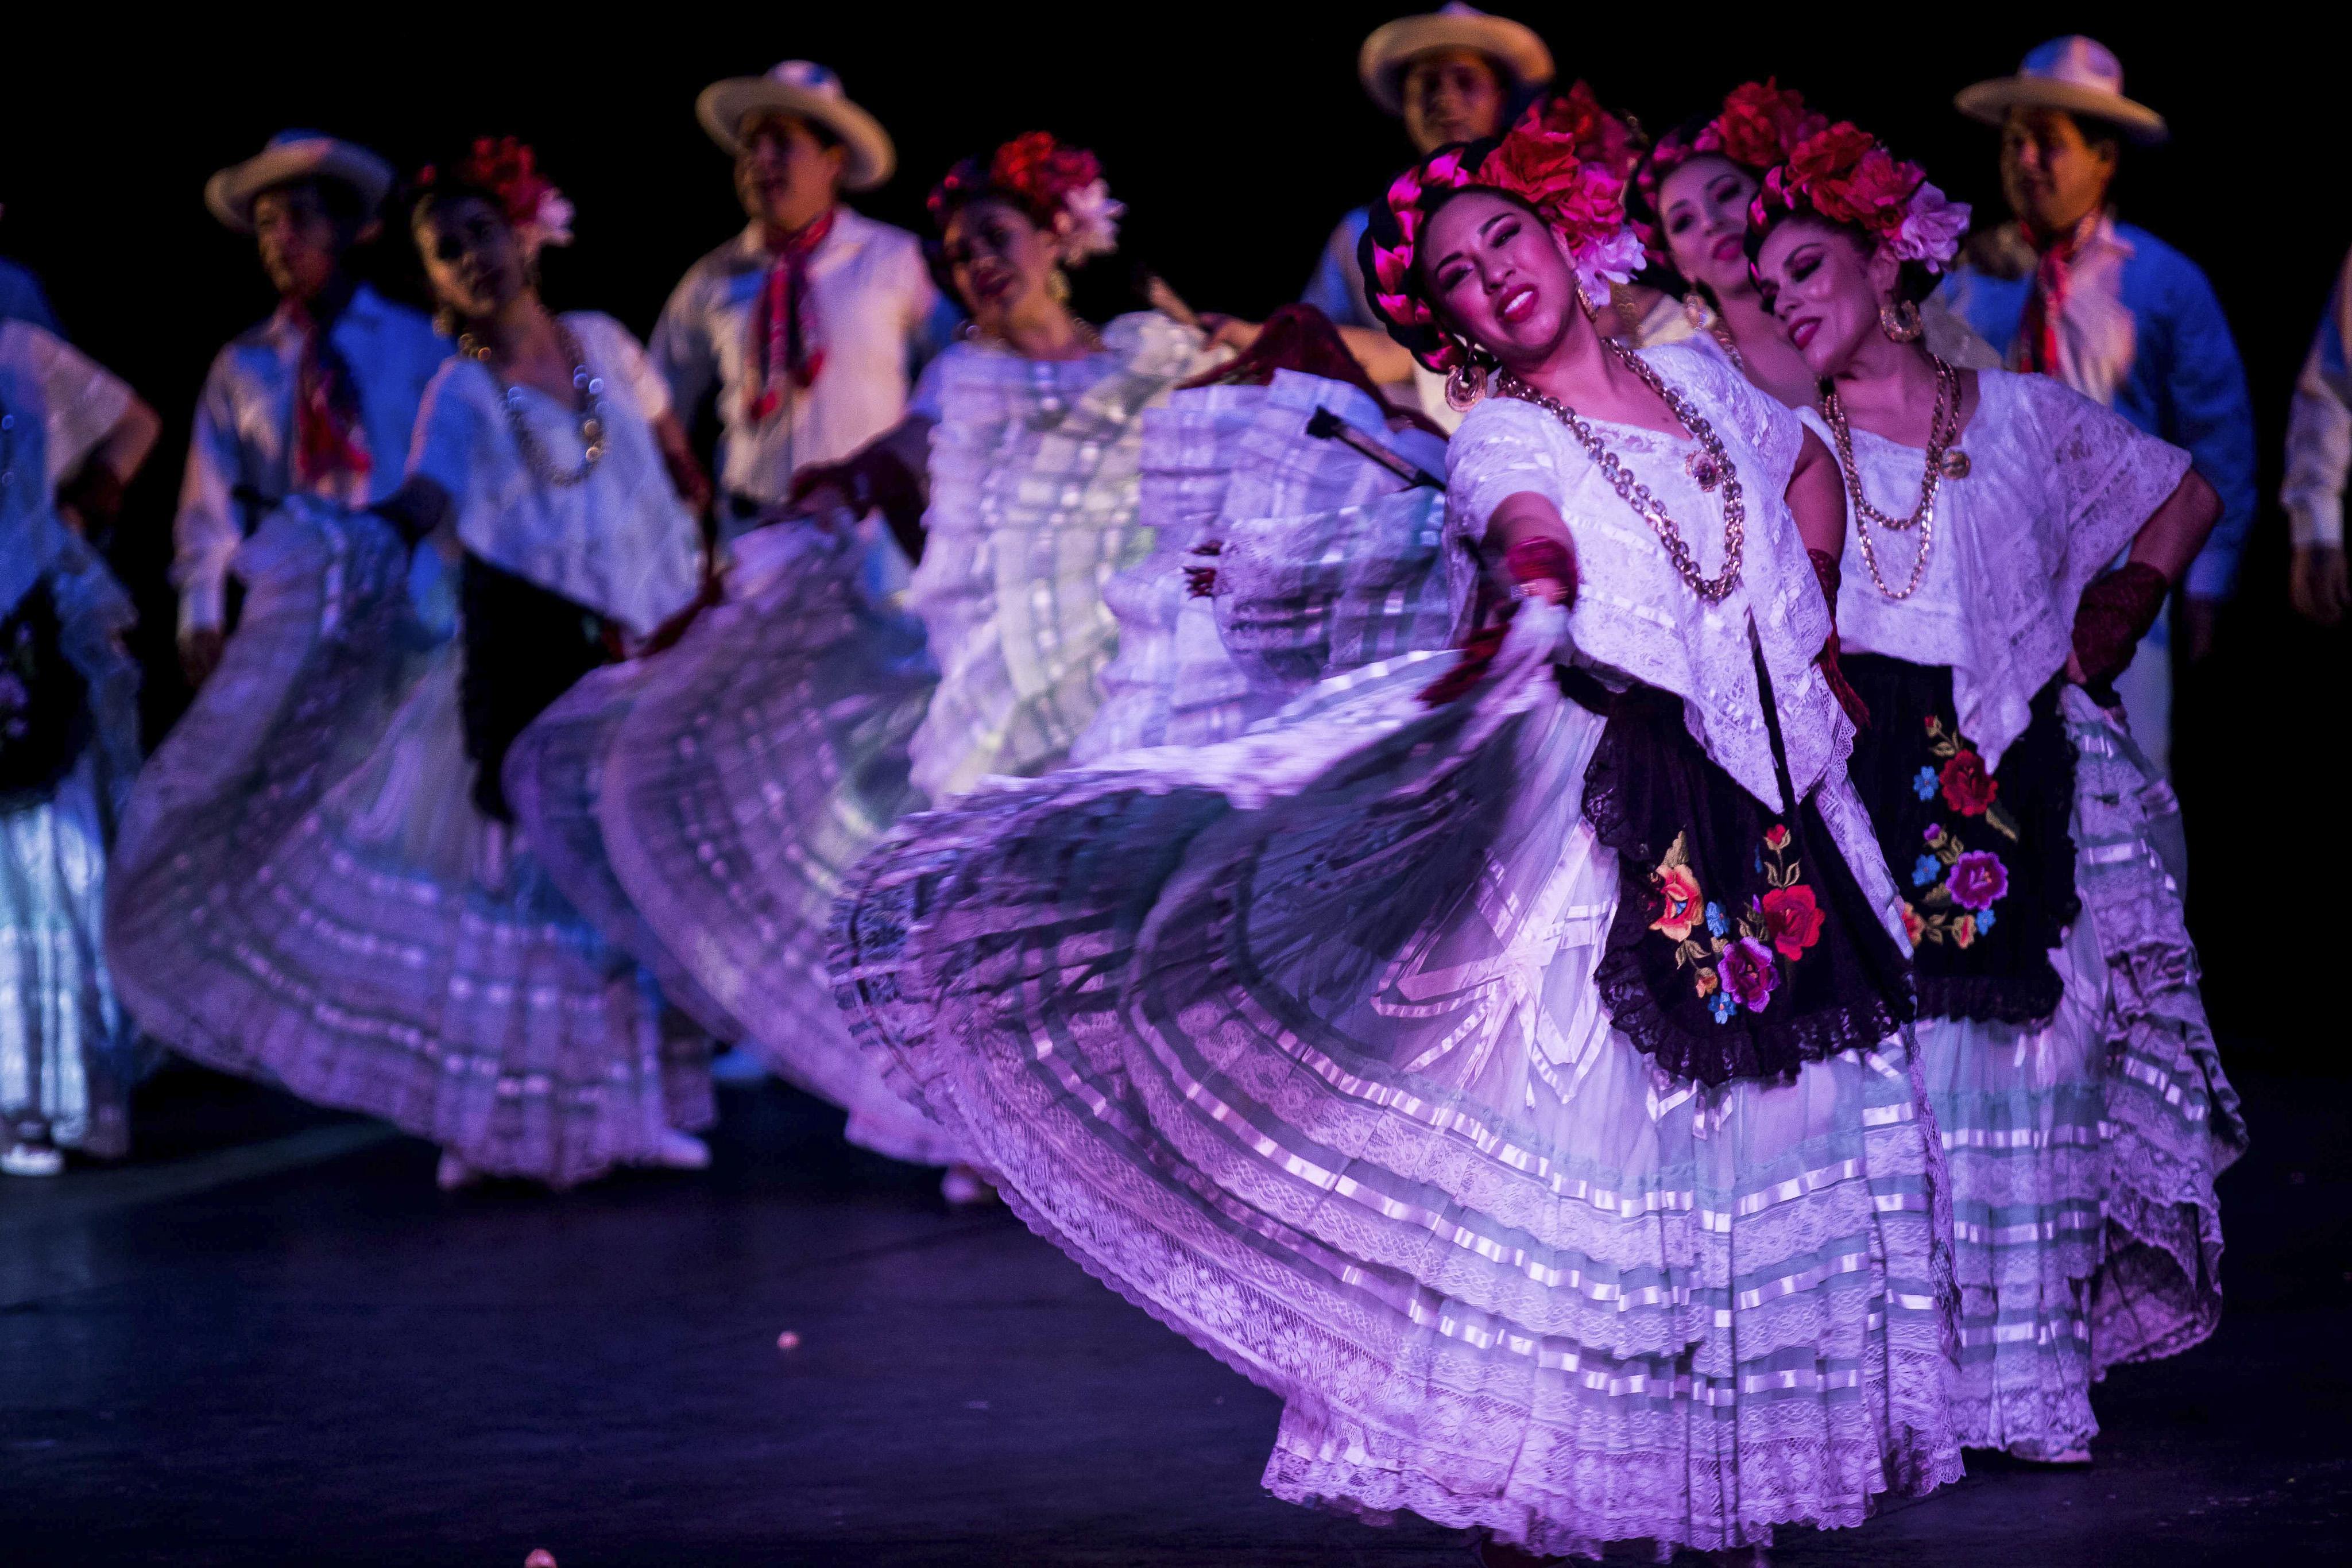 las chicas de el Ballet Folclórico bailando en palacio belals artes